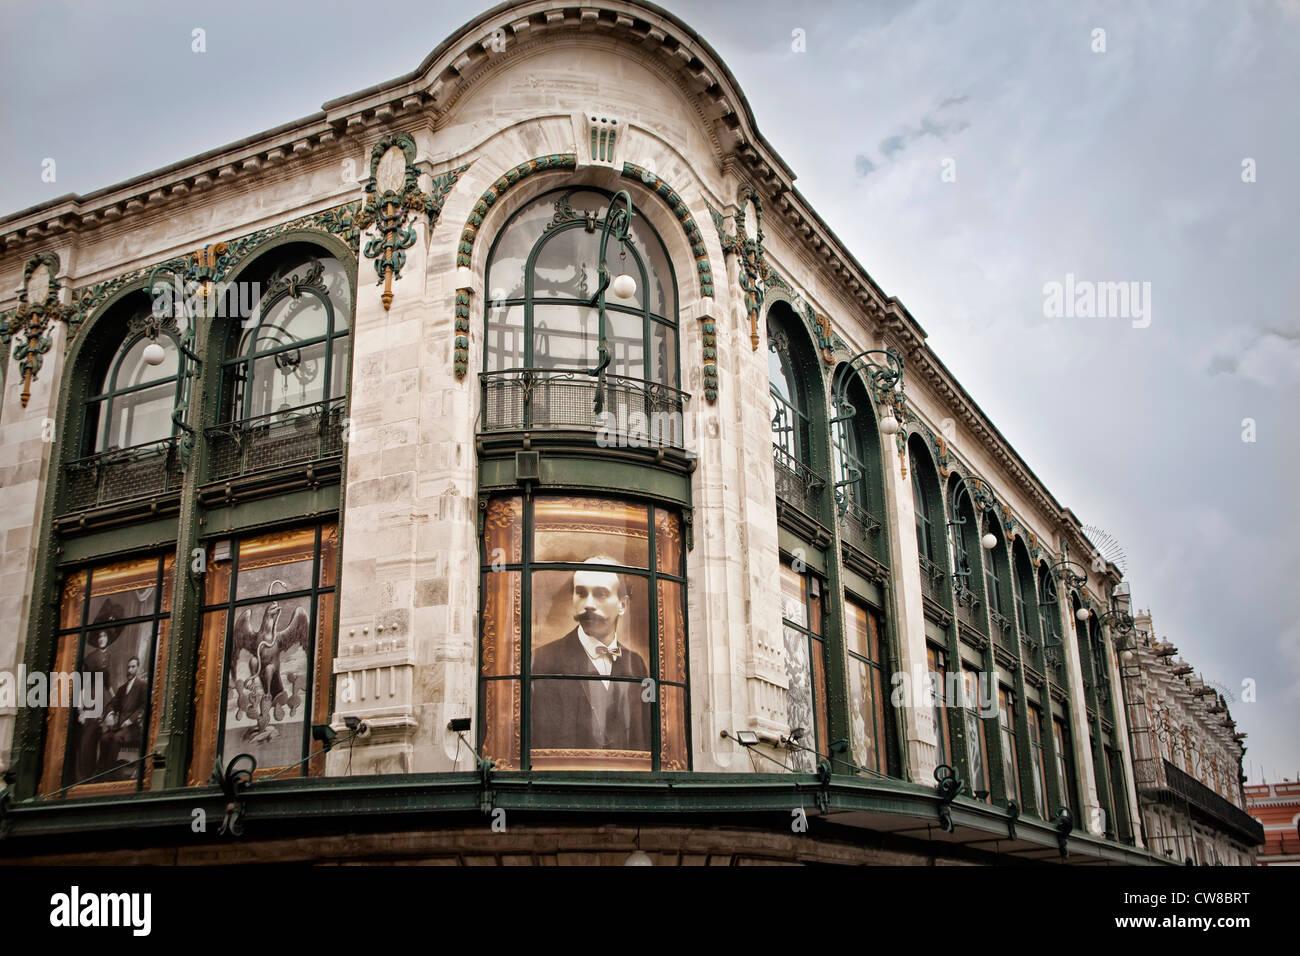 Arquitectura en el centro de la ciudad de Puebla, México Imagen De Stock